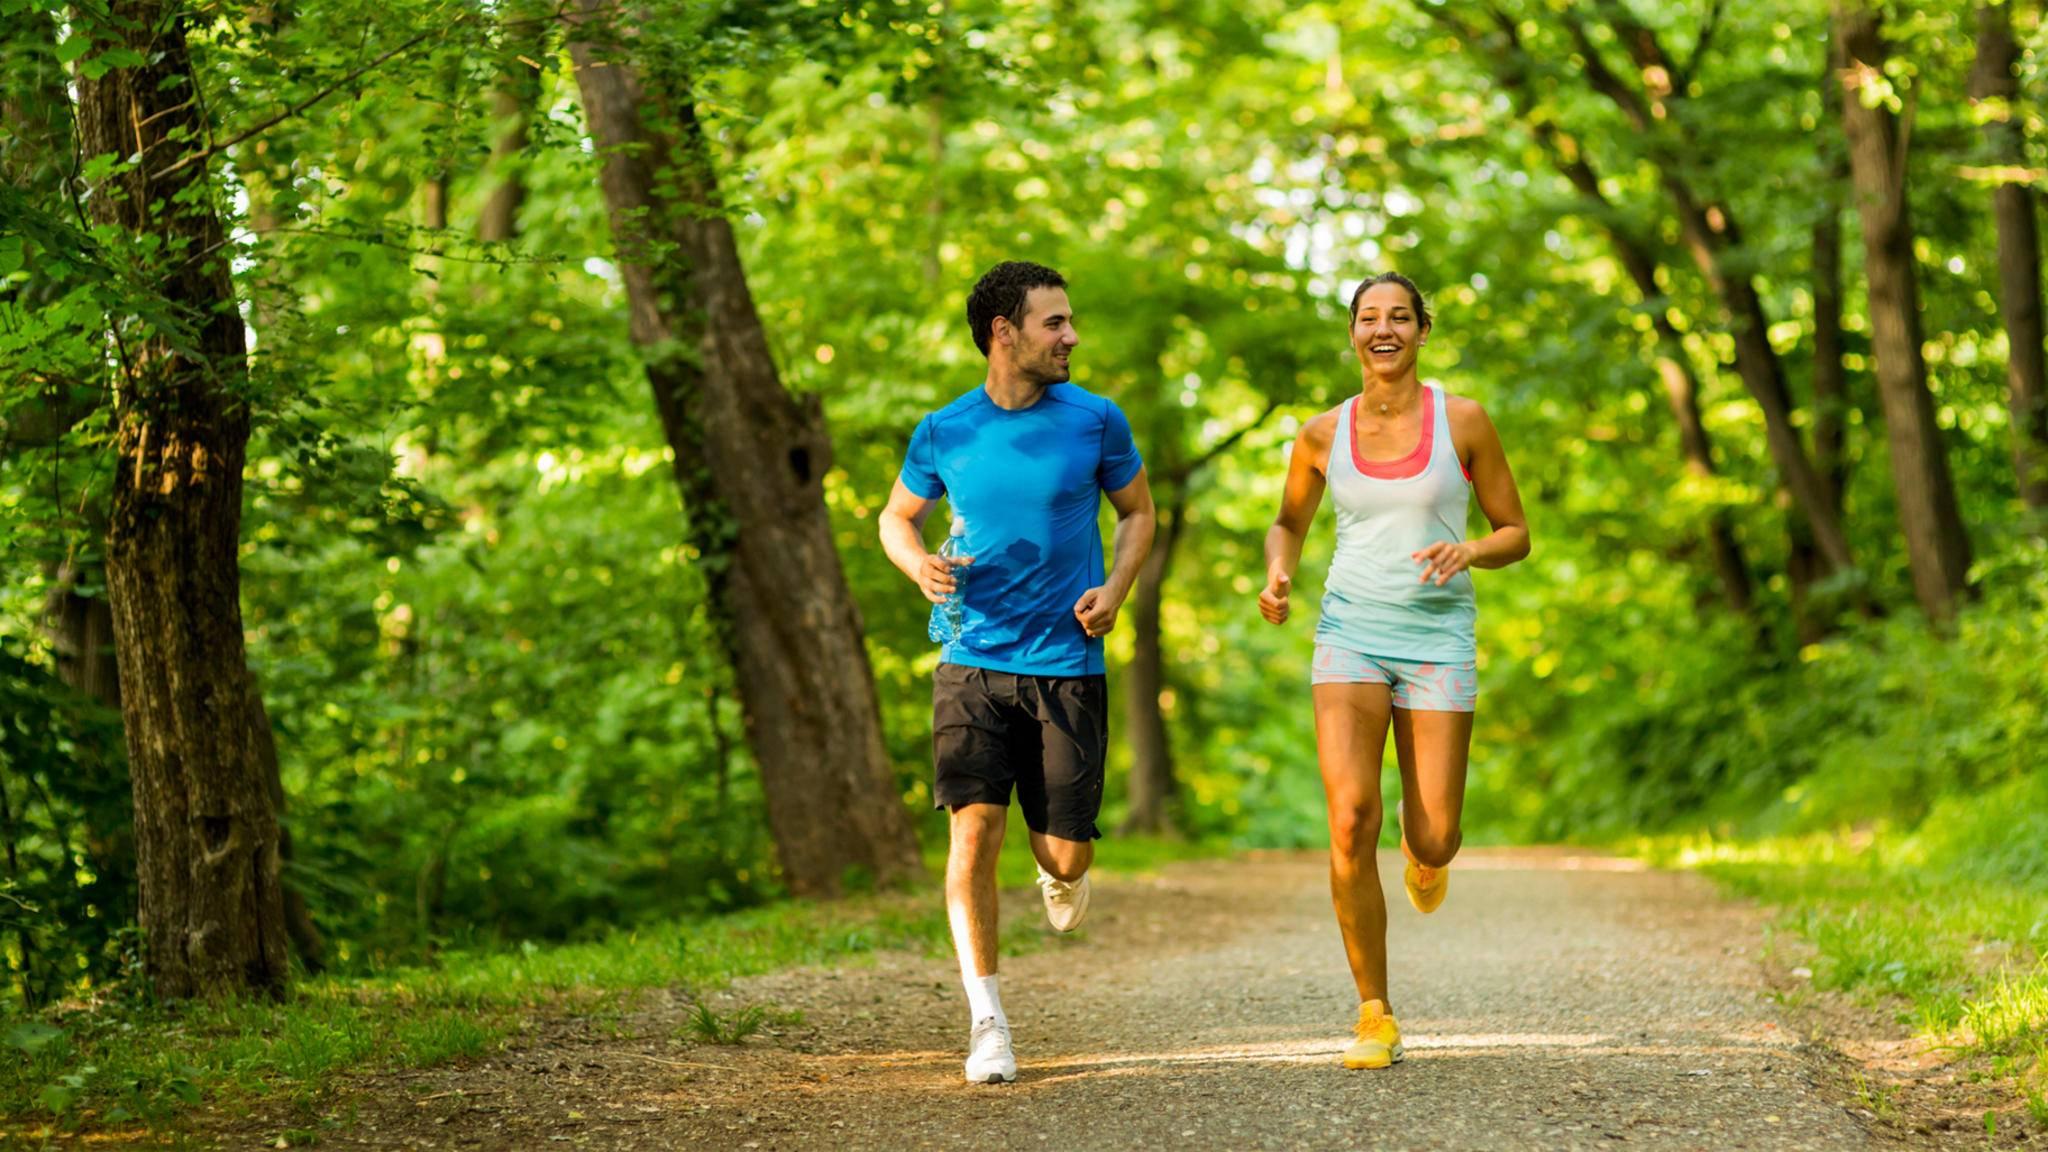 Ein Seitenblick auf die sportlichen Leistungen der Freunde kann äußerst motivierend wirken.